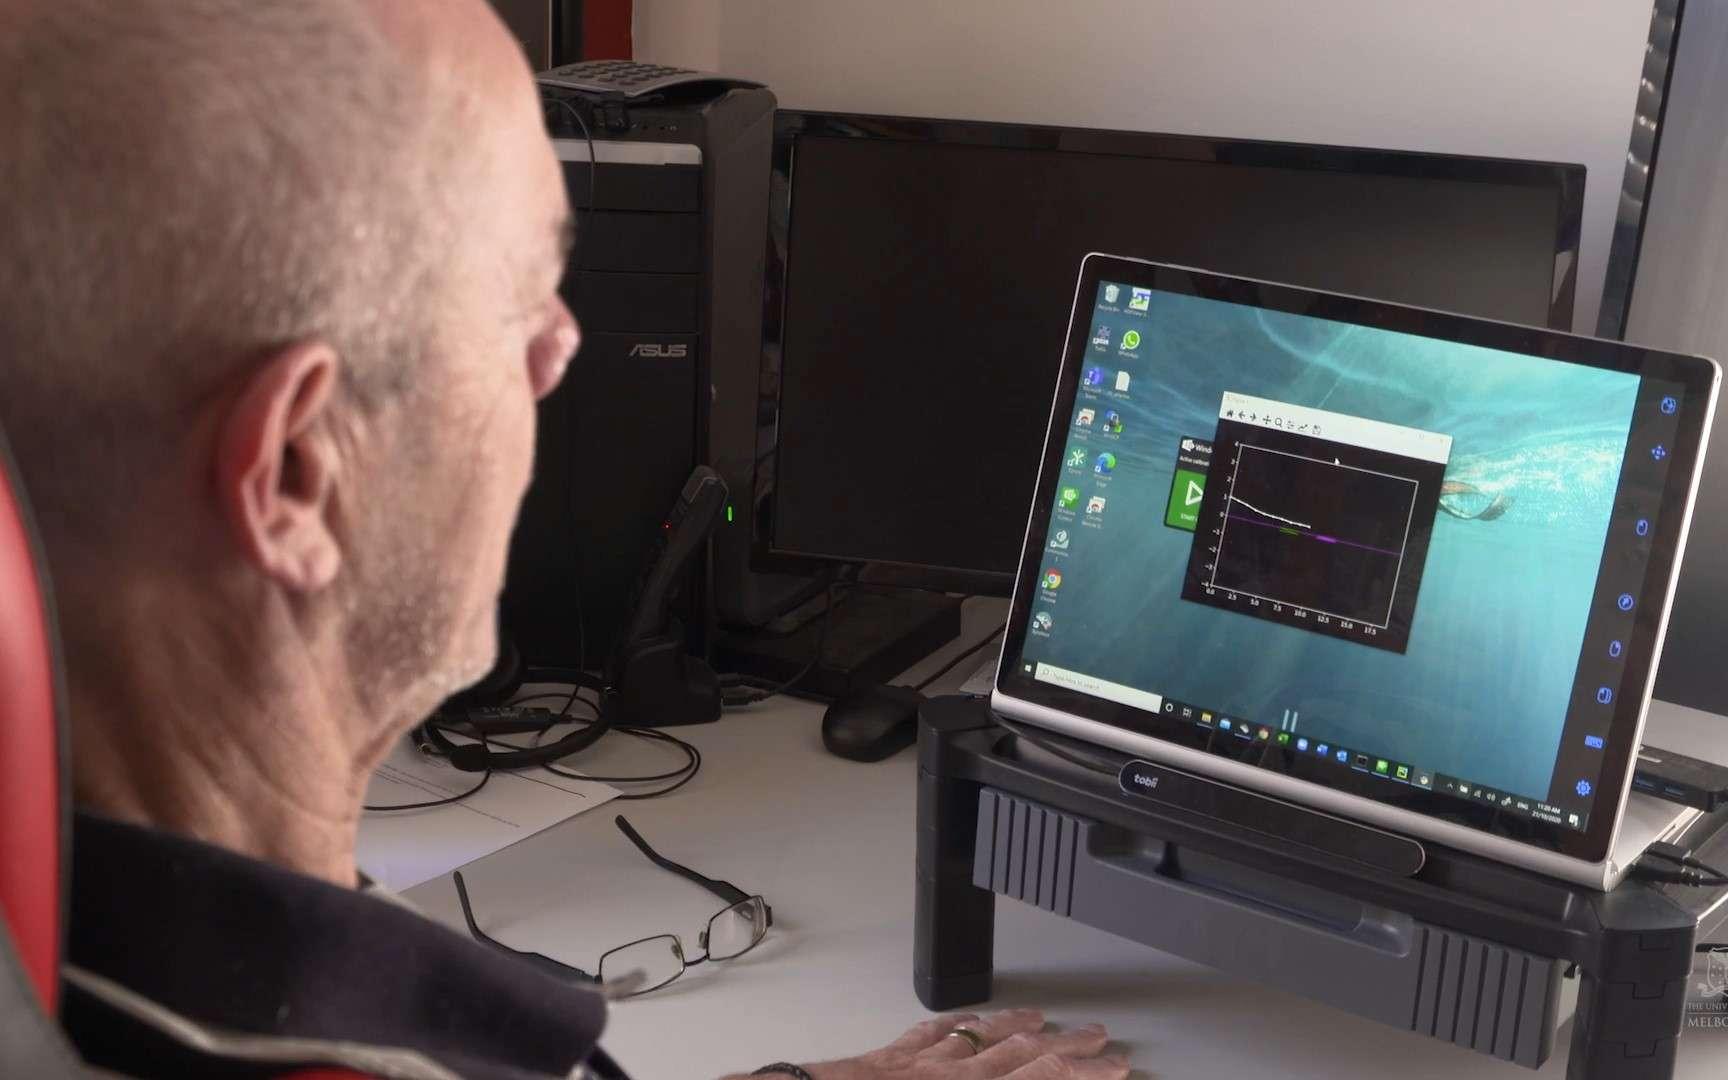 Grâce à l'implant cérébral Stentrode, cet homme parvient à contrôler un ordinateur par la pensée. © Université de Melbourne